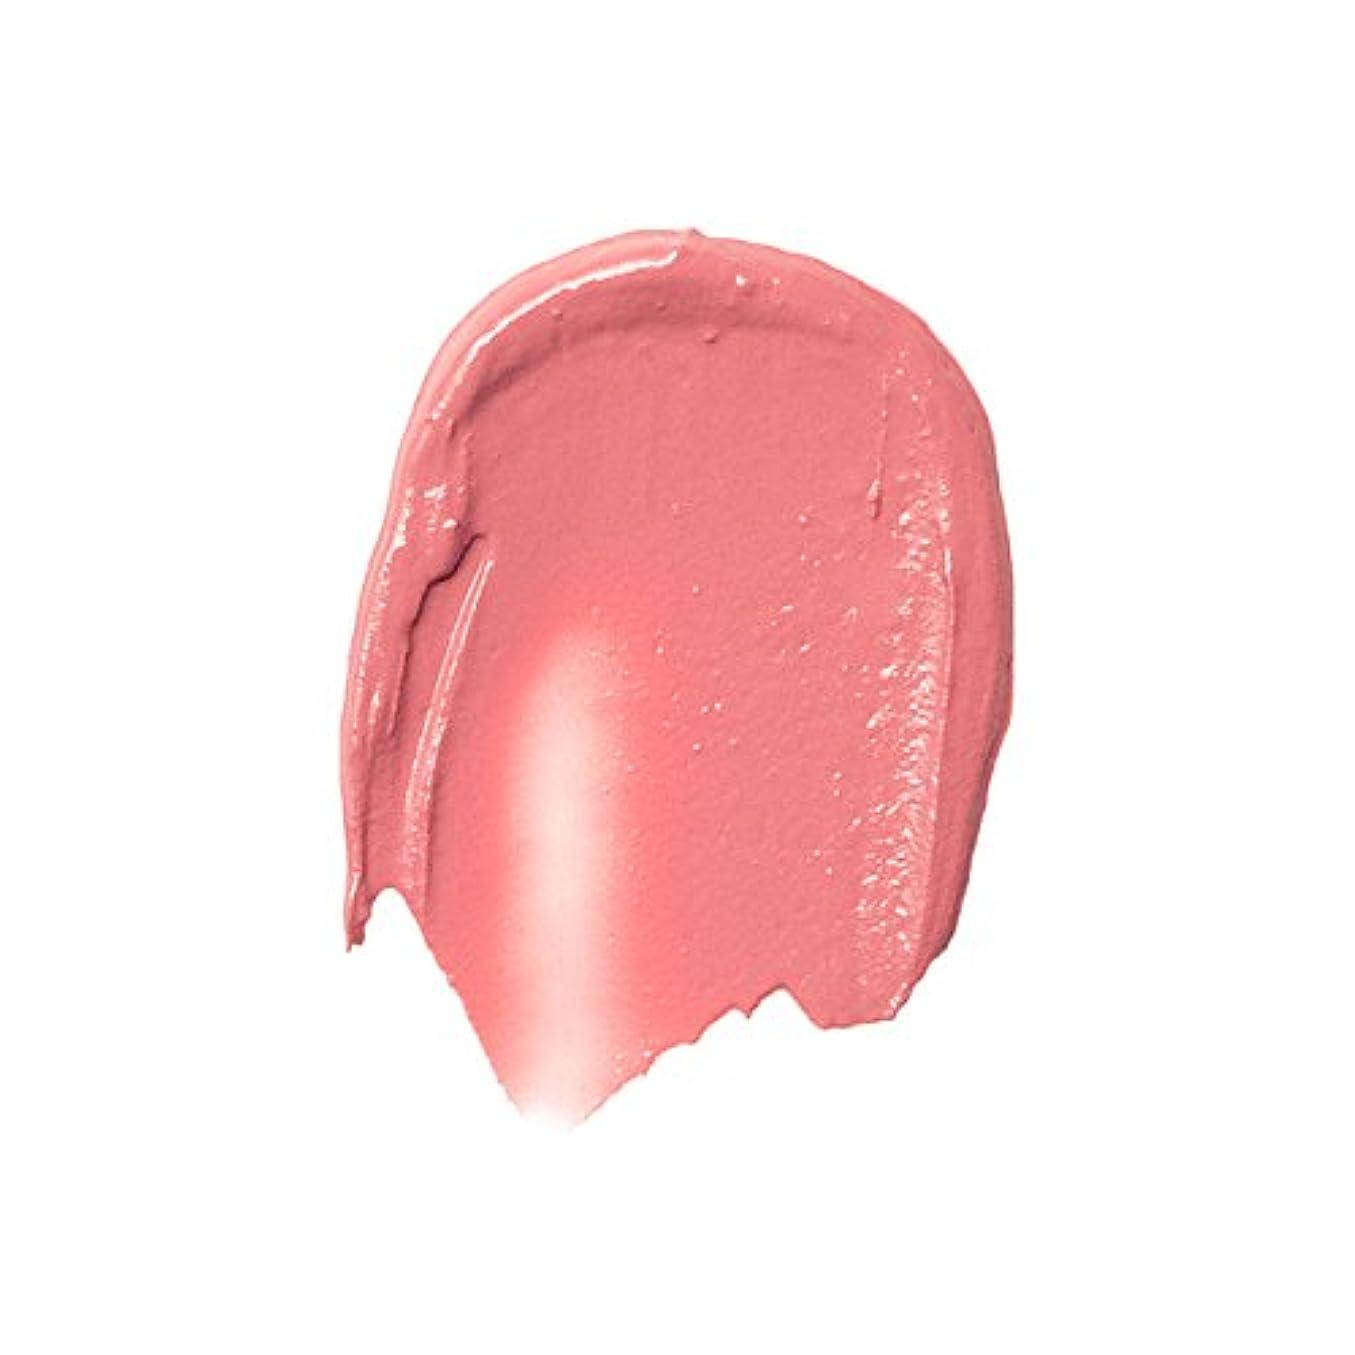 パーツ偽本体ボビィブラウン(ボビー ブラウン) リュクスリップカラー #14 Pink Cloud